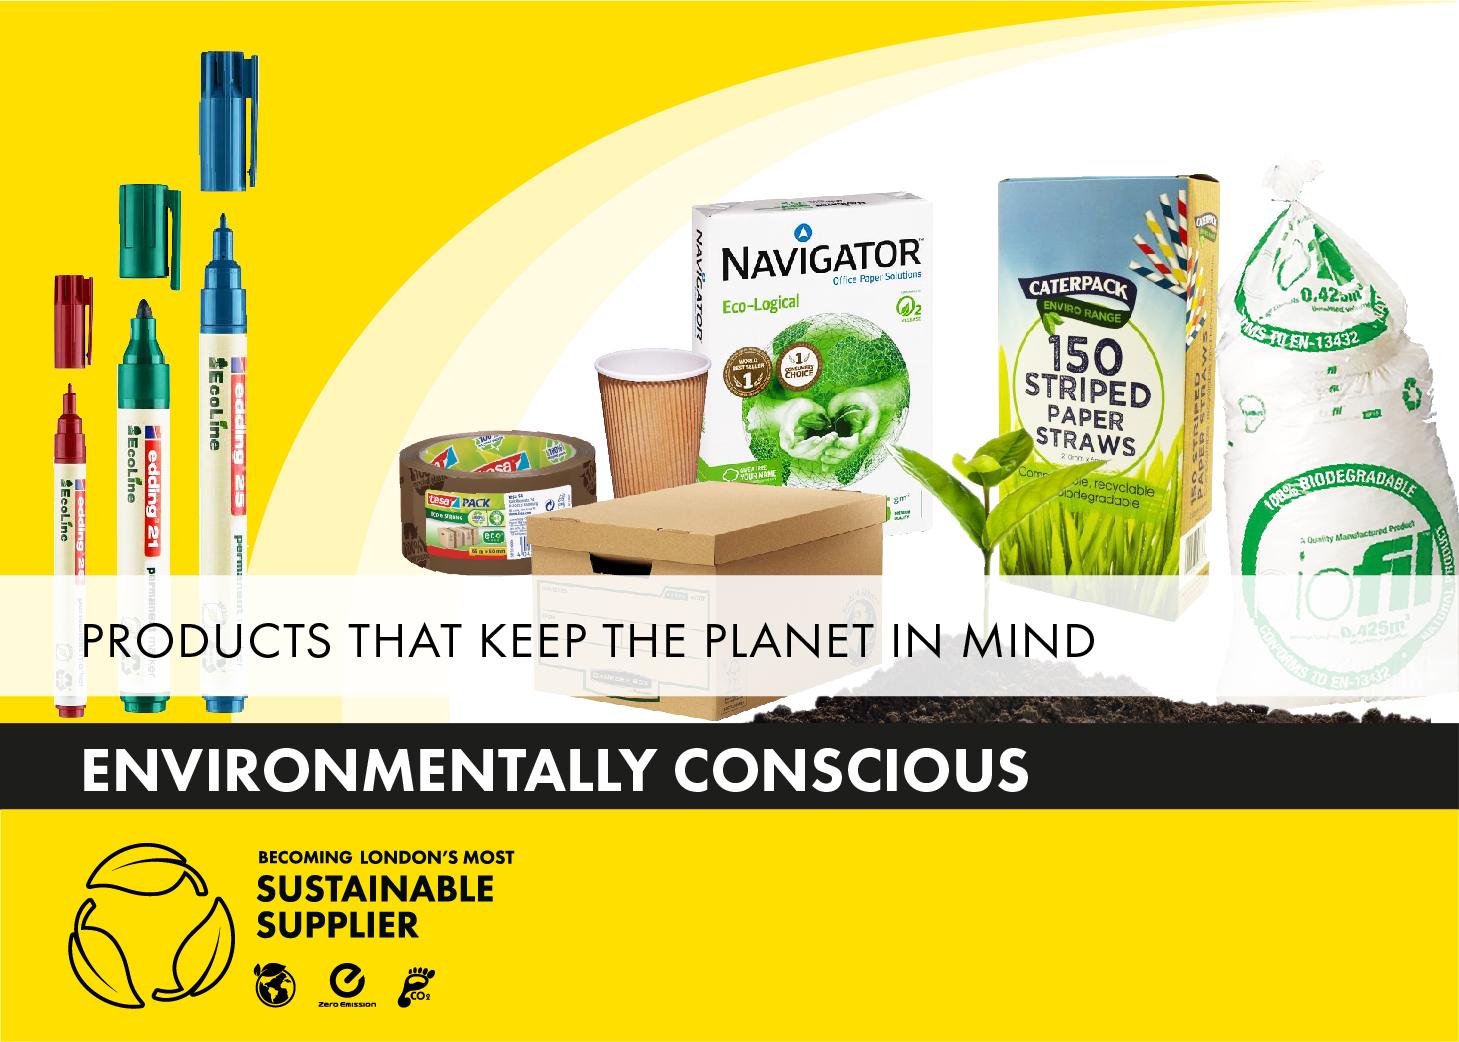 Environmentally_conscious